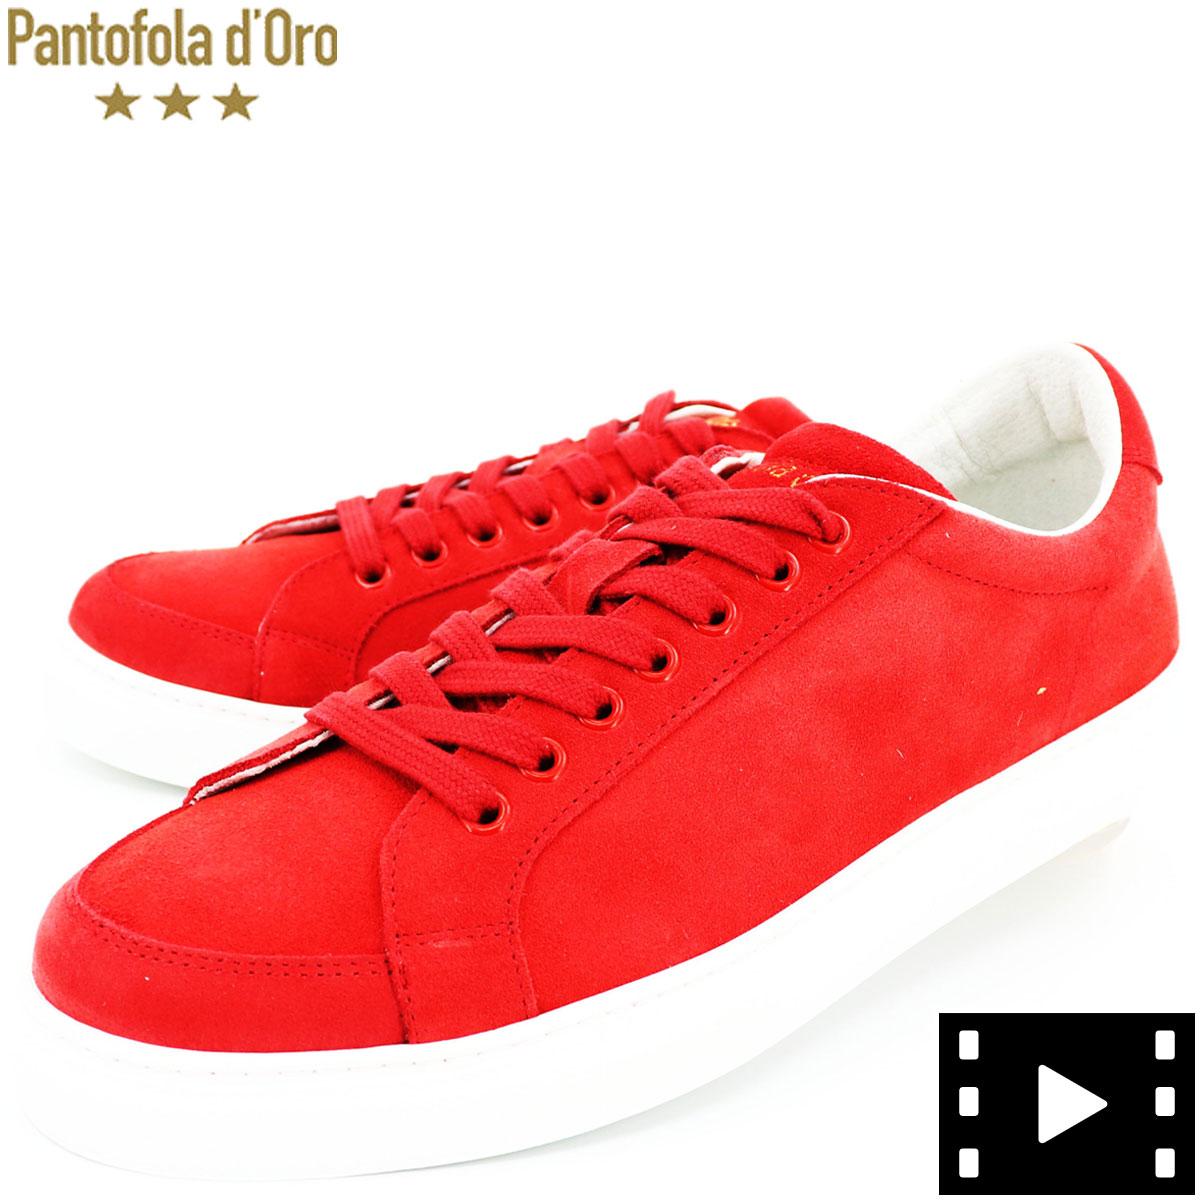 パントフォラドーロ Pantofola d'Oro メンズ スエード ローカットスニーカー PDO TSL21 RED(レッド)秋冬新作